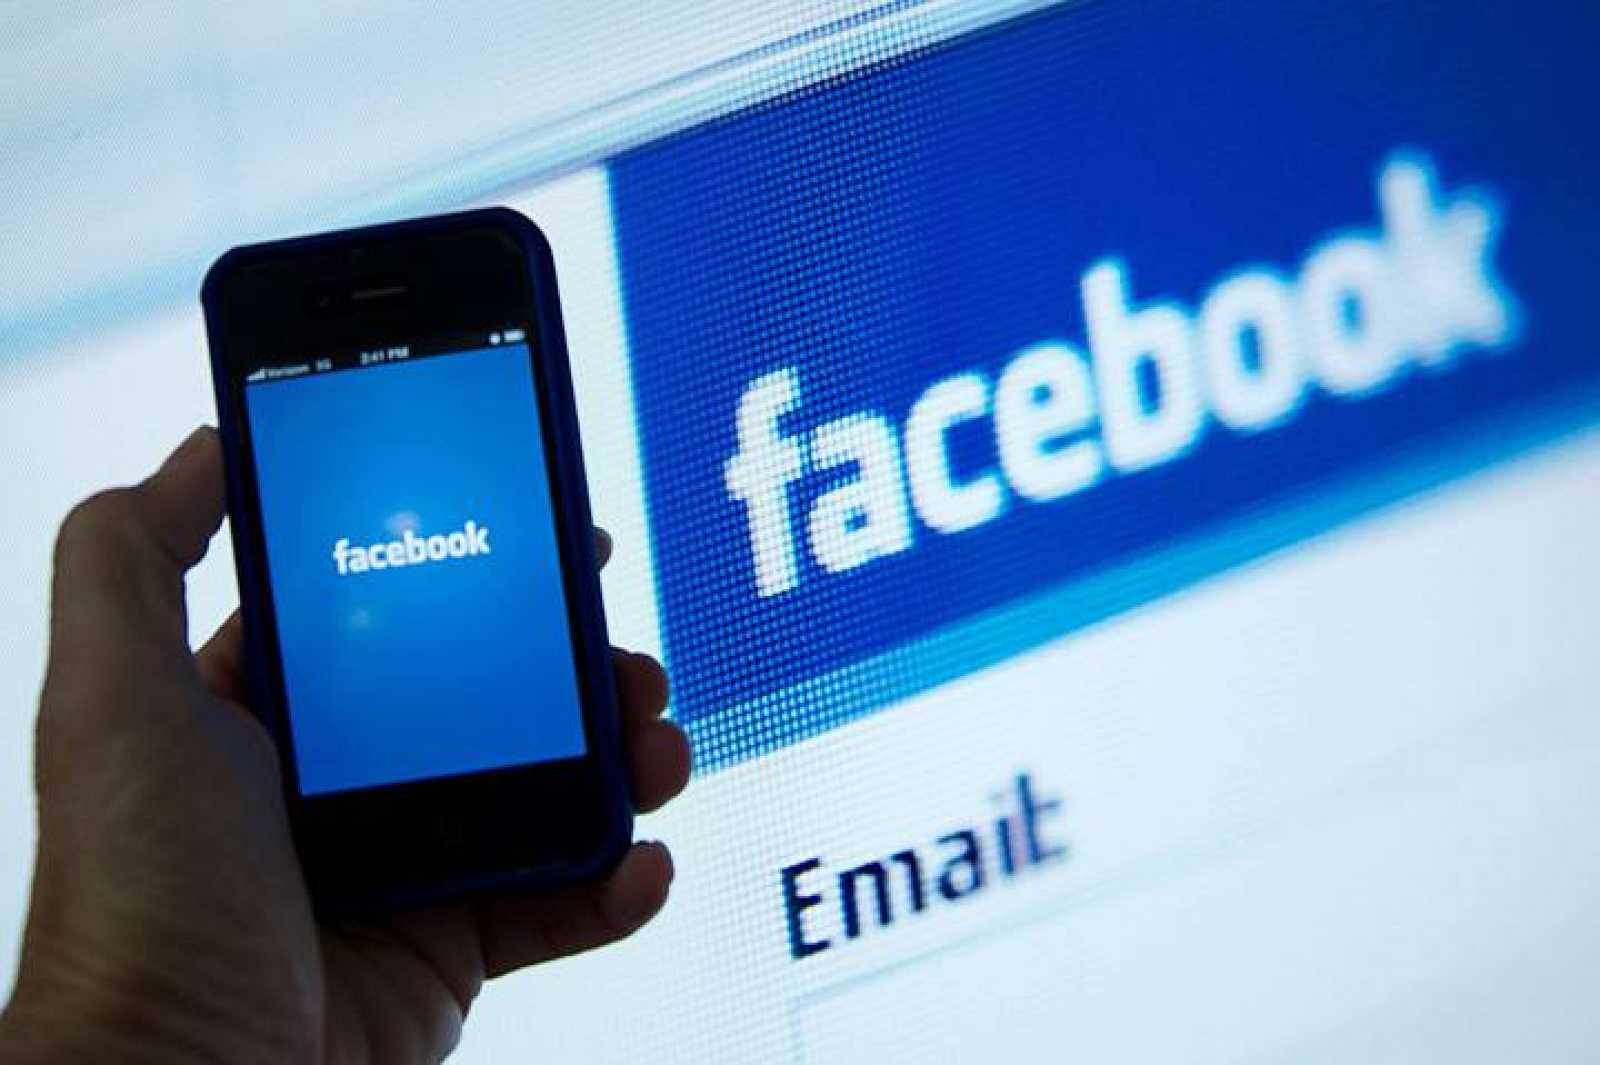 Imagen tomada en Washington con un iPhone con la aplicación de Facebook abierta frente al logo de la red social.